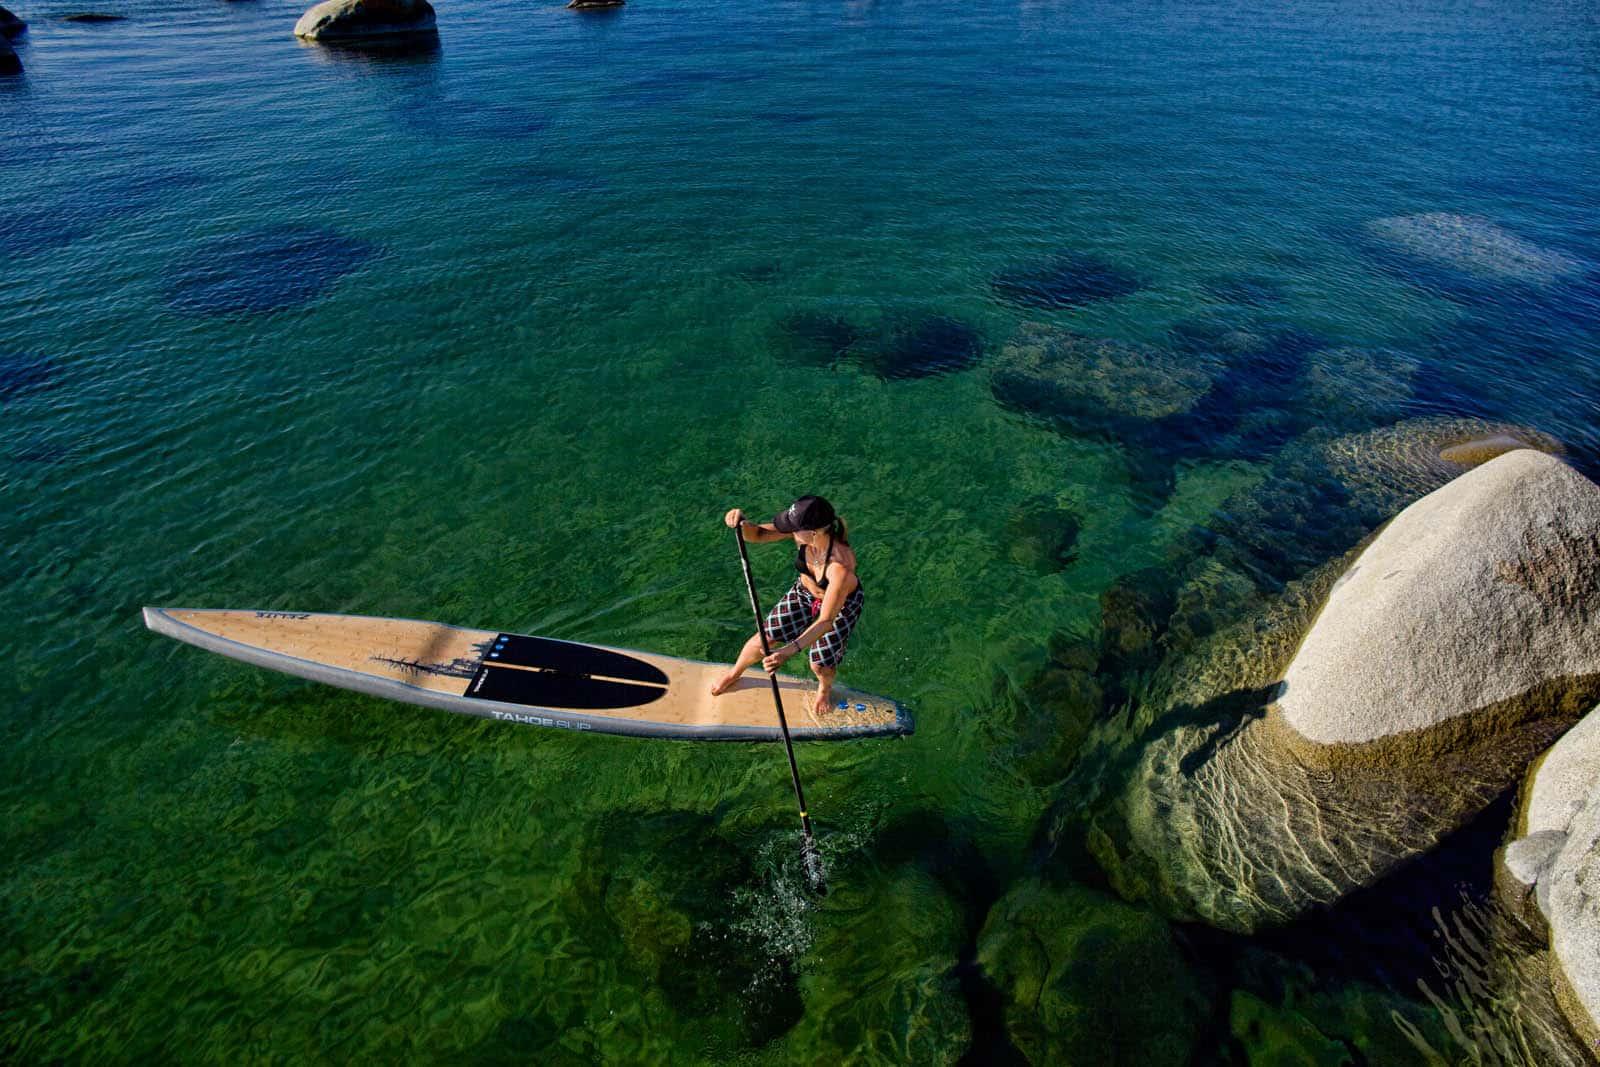 Lel Tone turning on a paddleboard